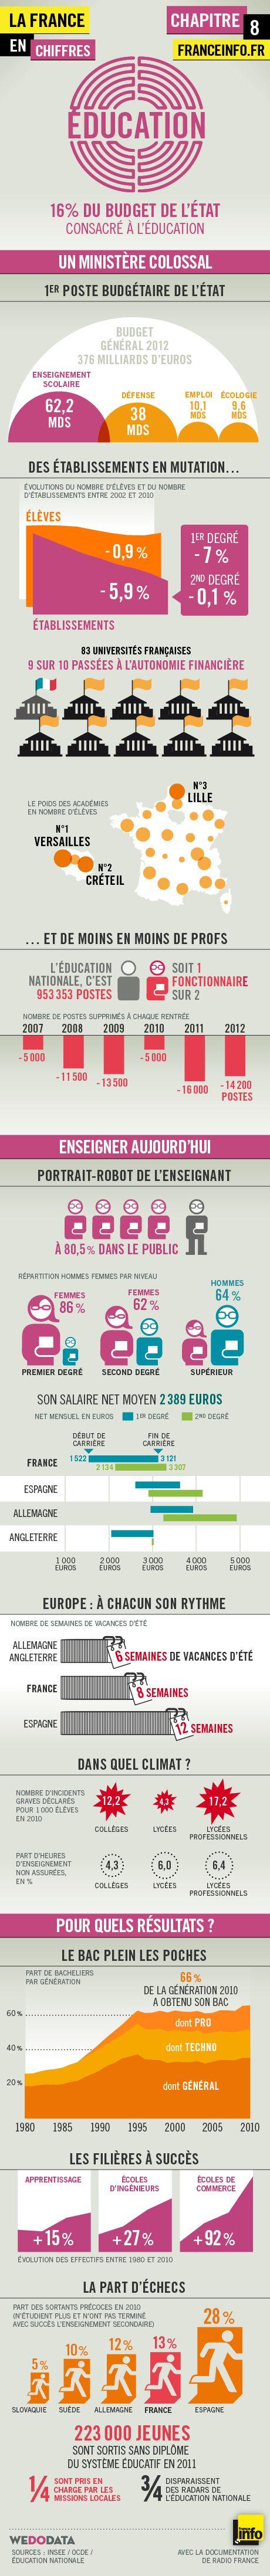 Infographies | La France en chiffres : éducation - France Info